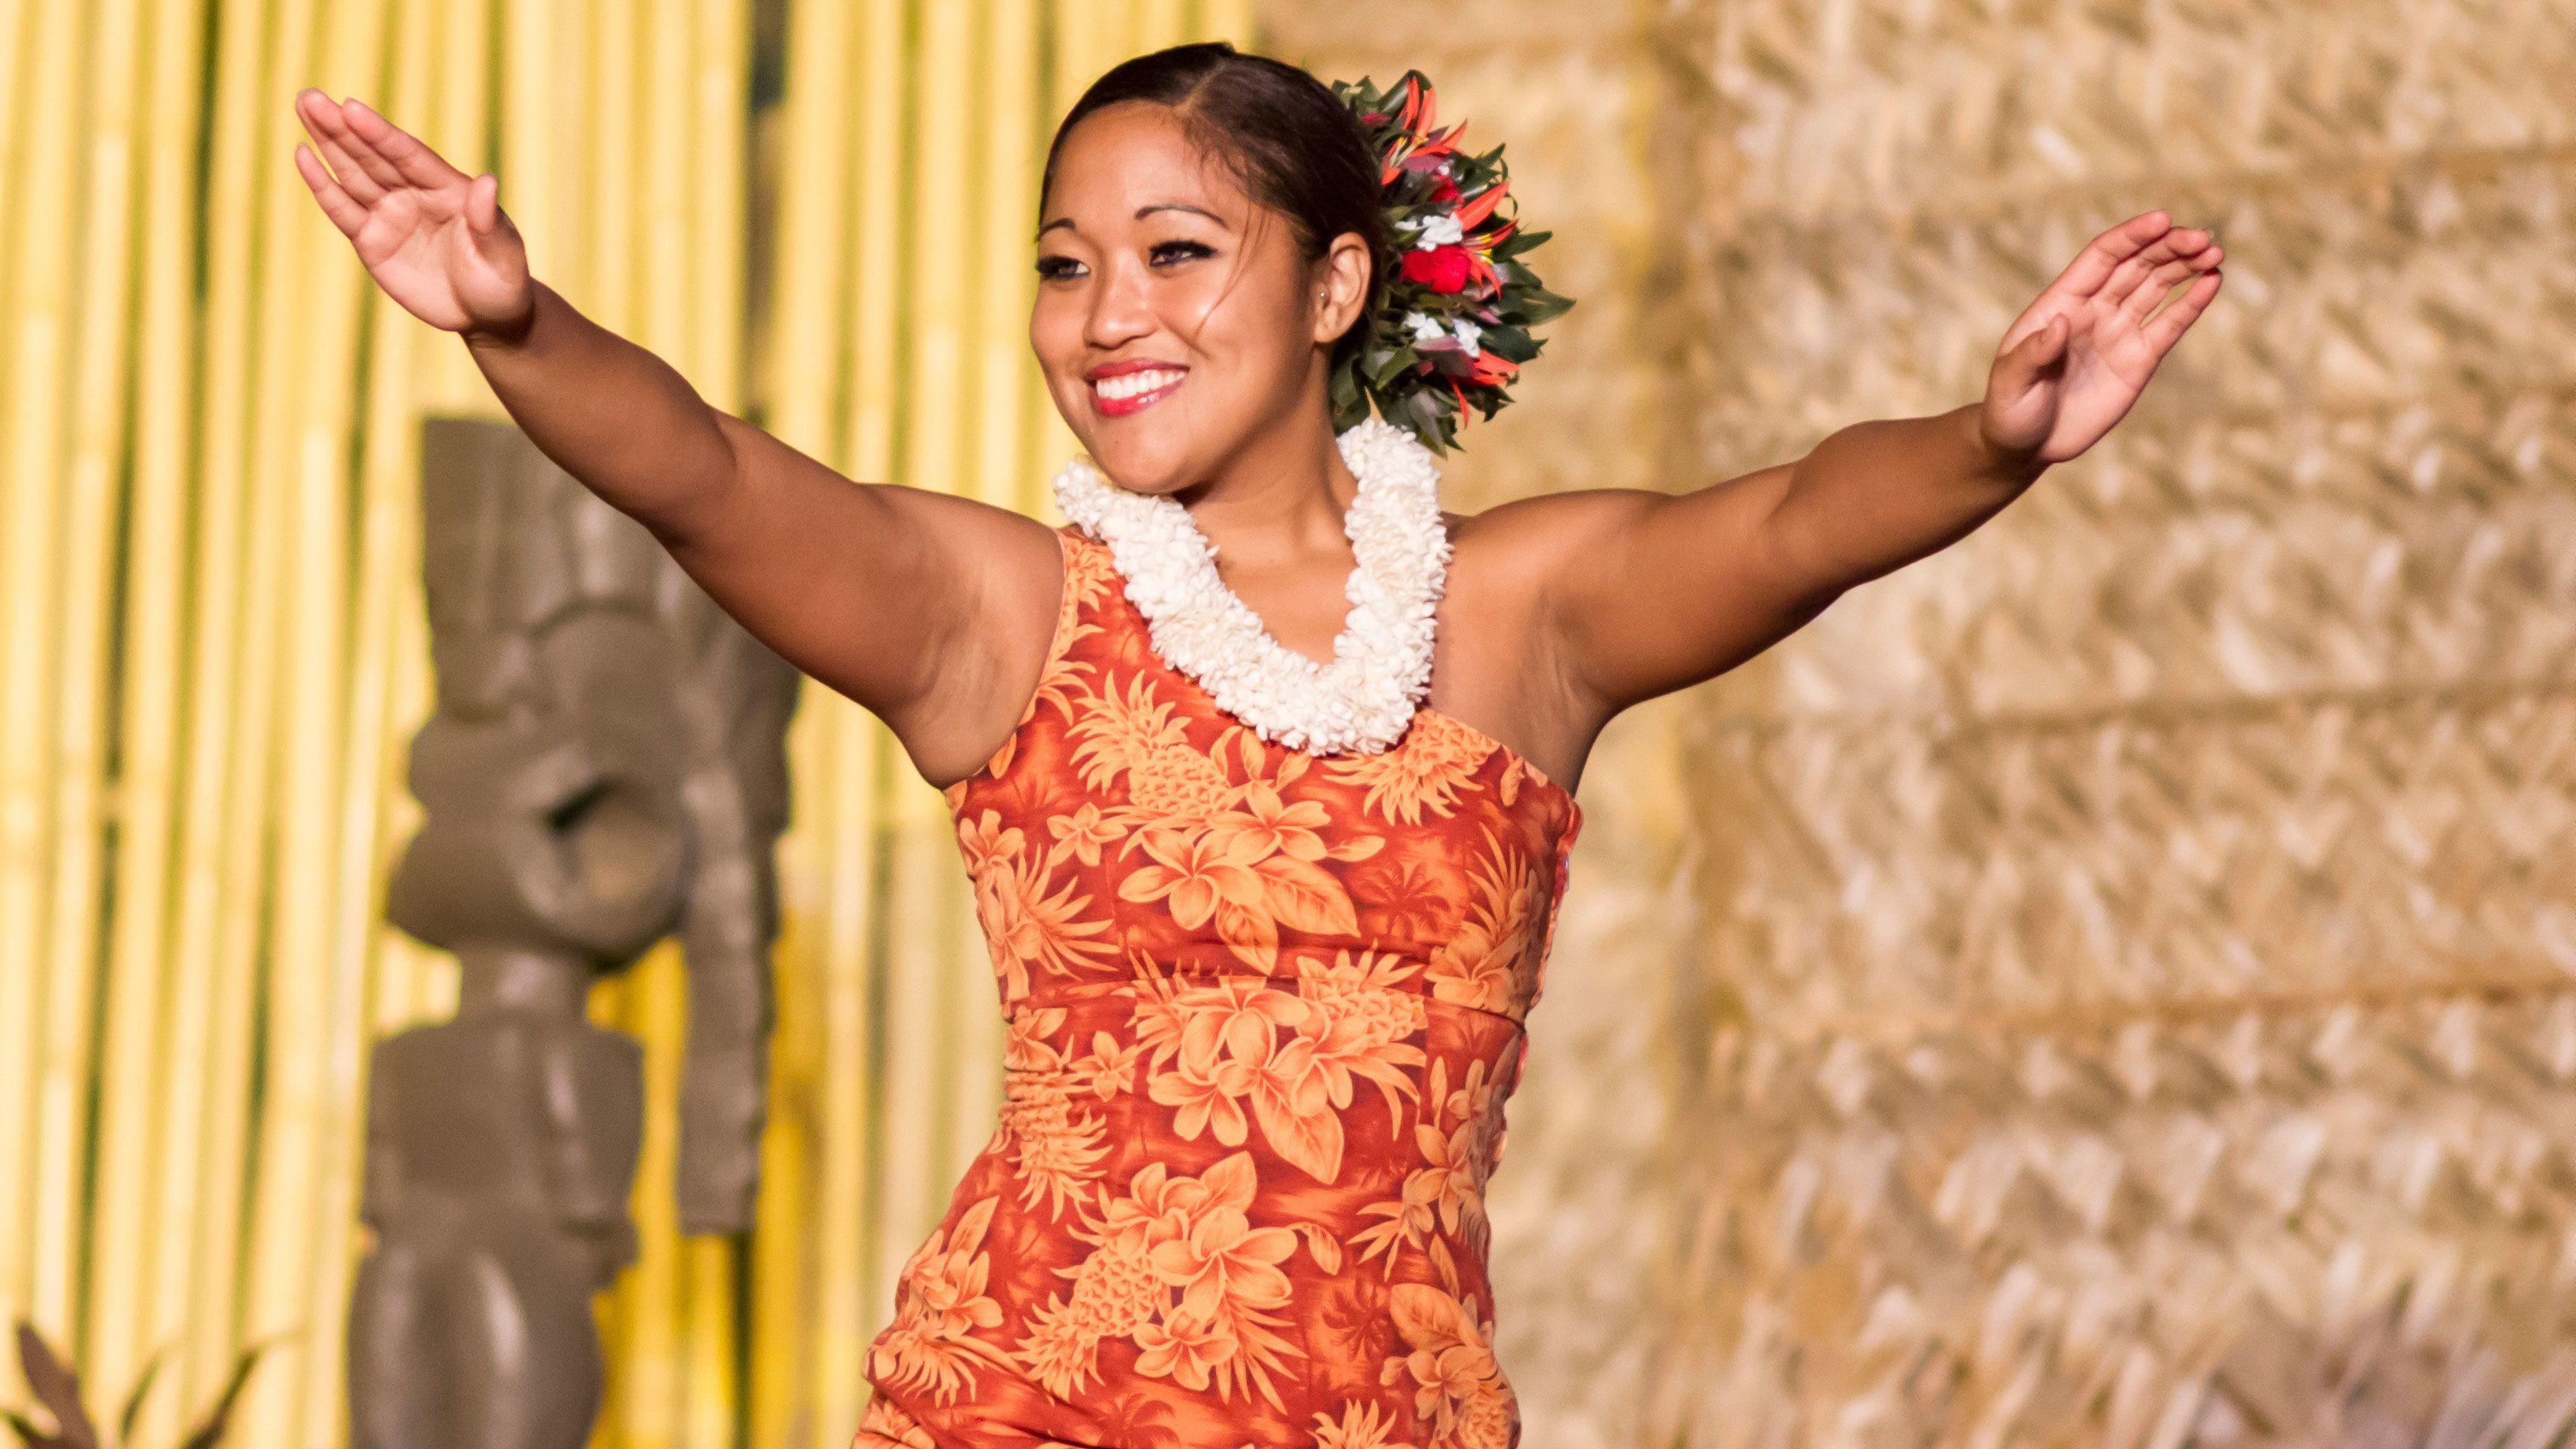 Woman dancing at the Luau at Royal Lahaina Resort in Maui